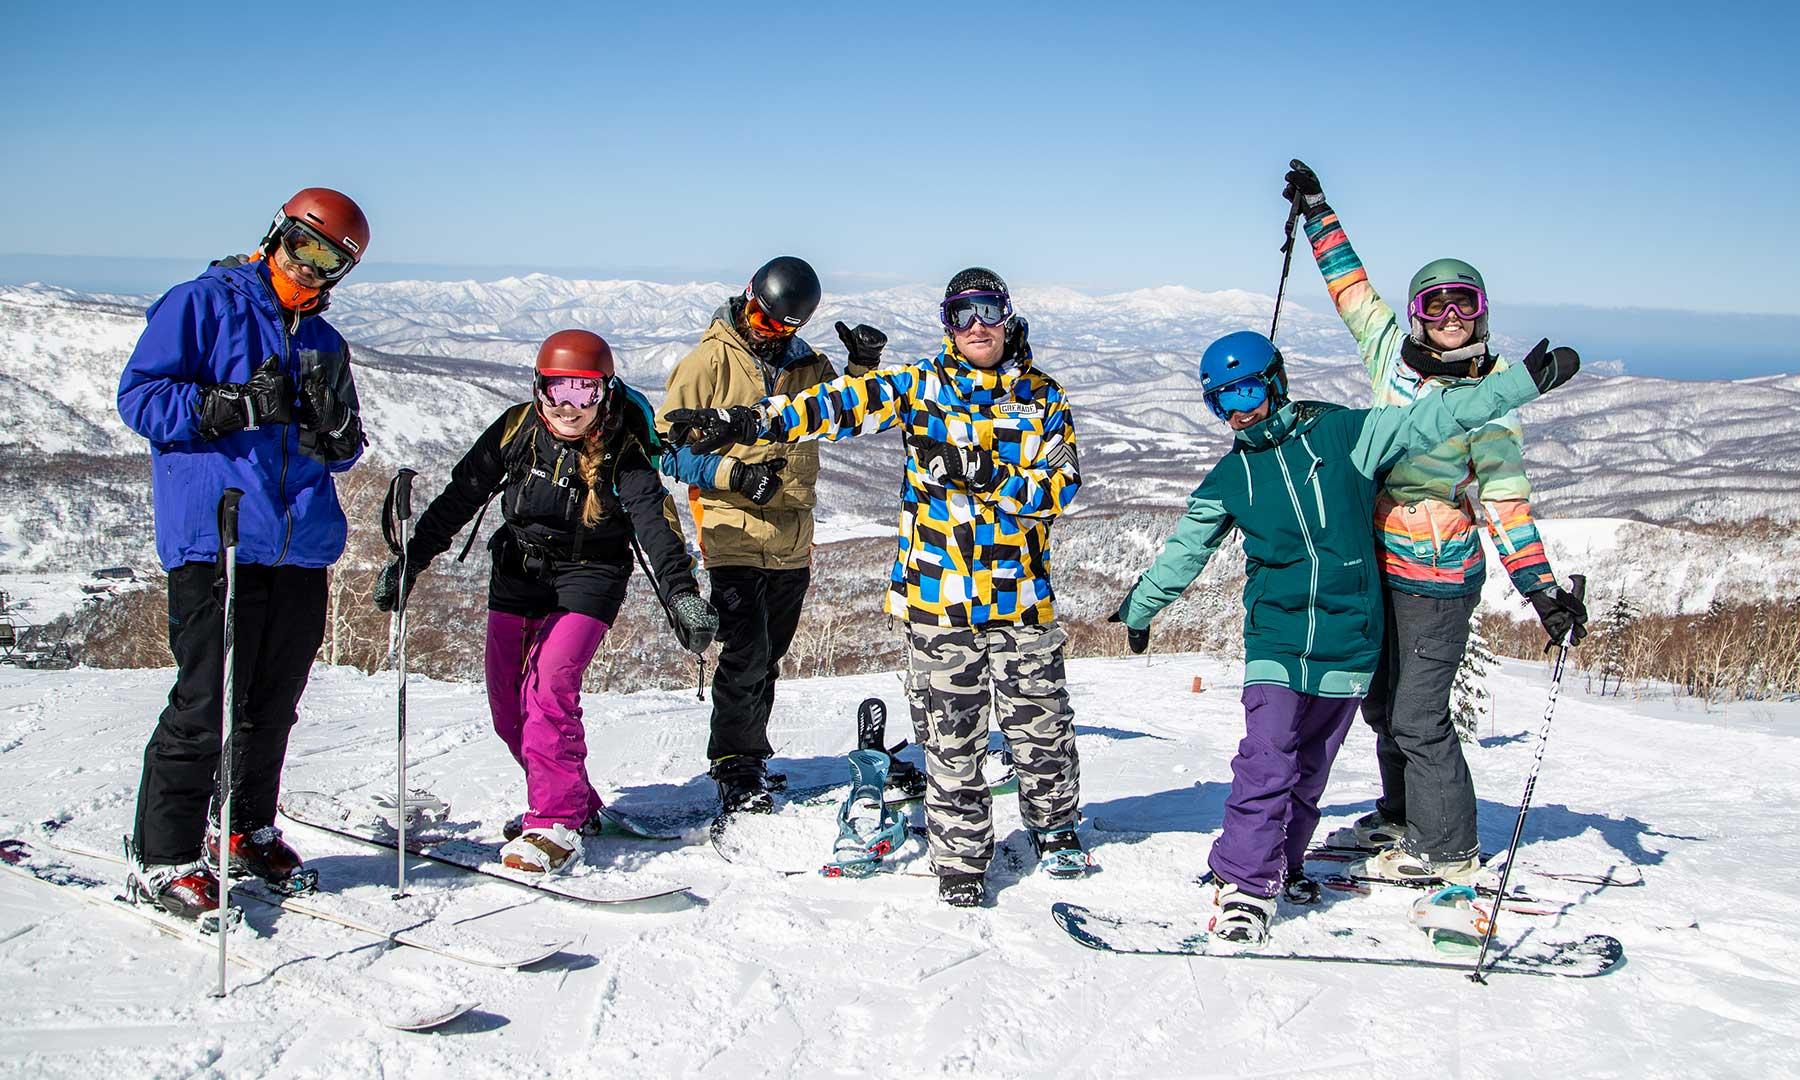 Team trip to Kiroro ski resort